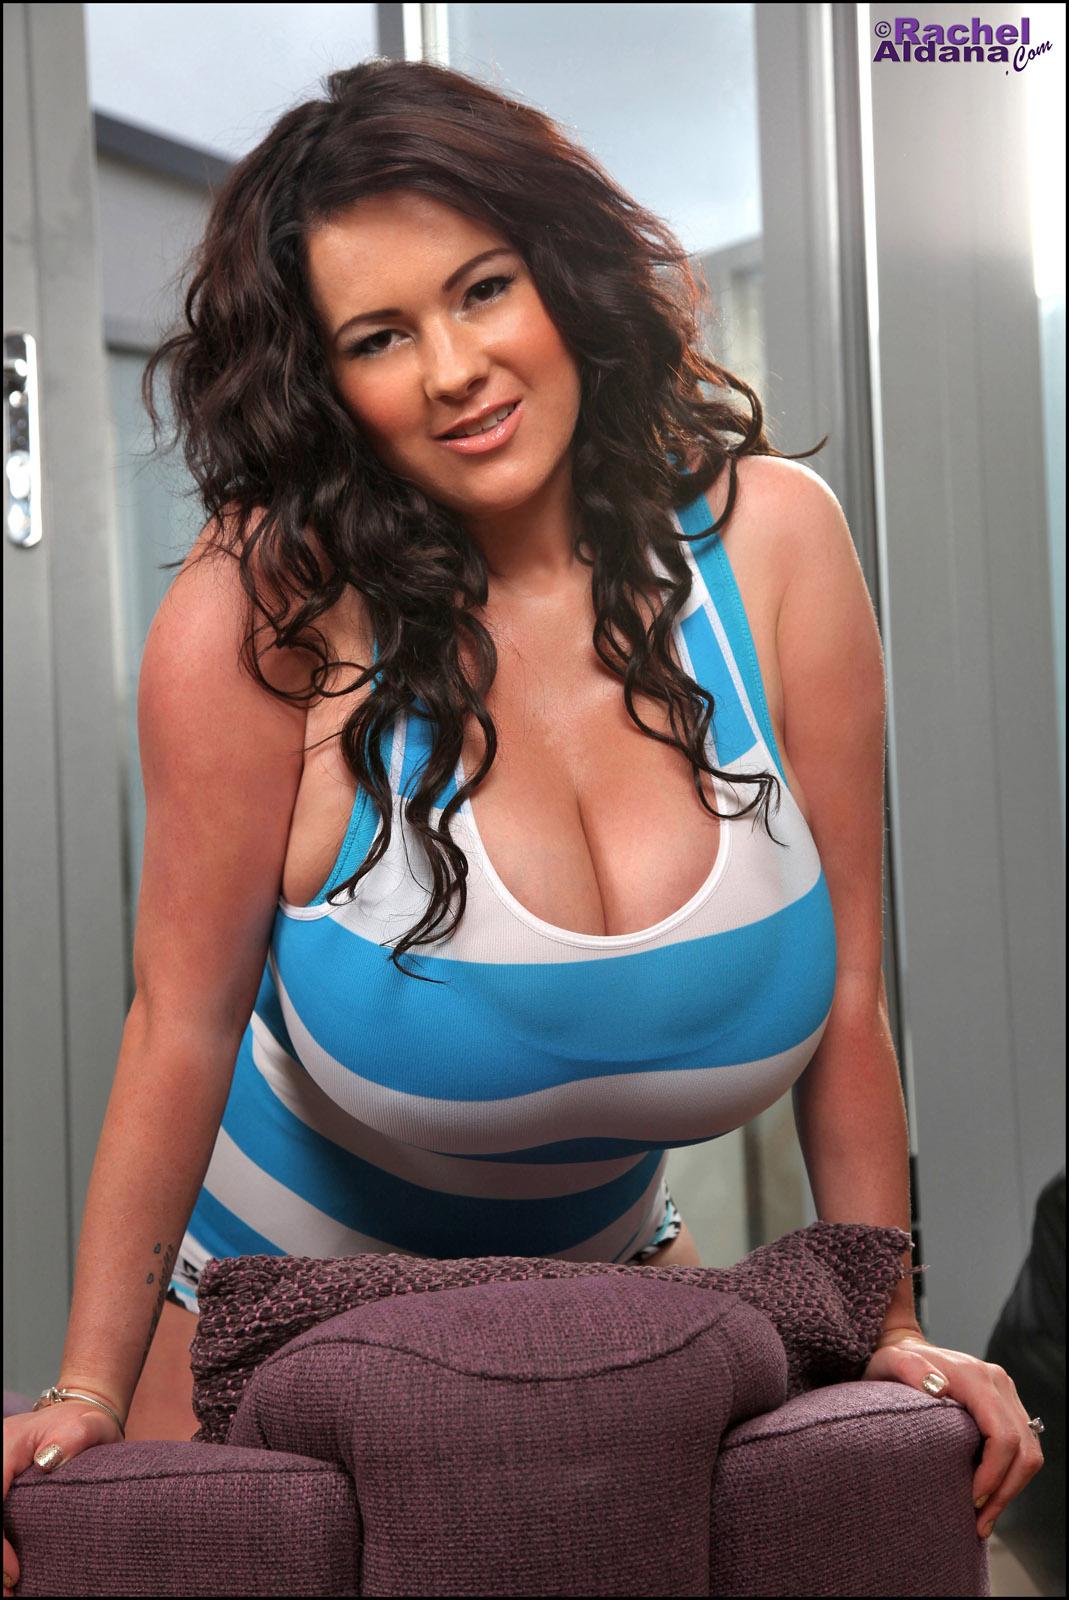 Rachel Aldana Blue Stripes